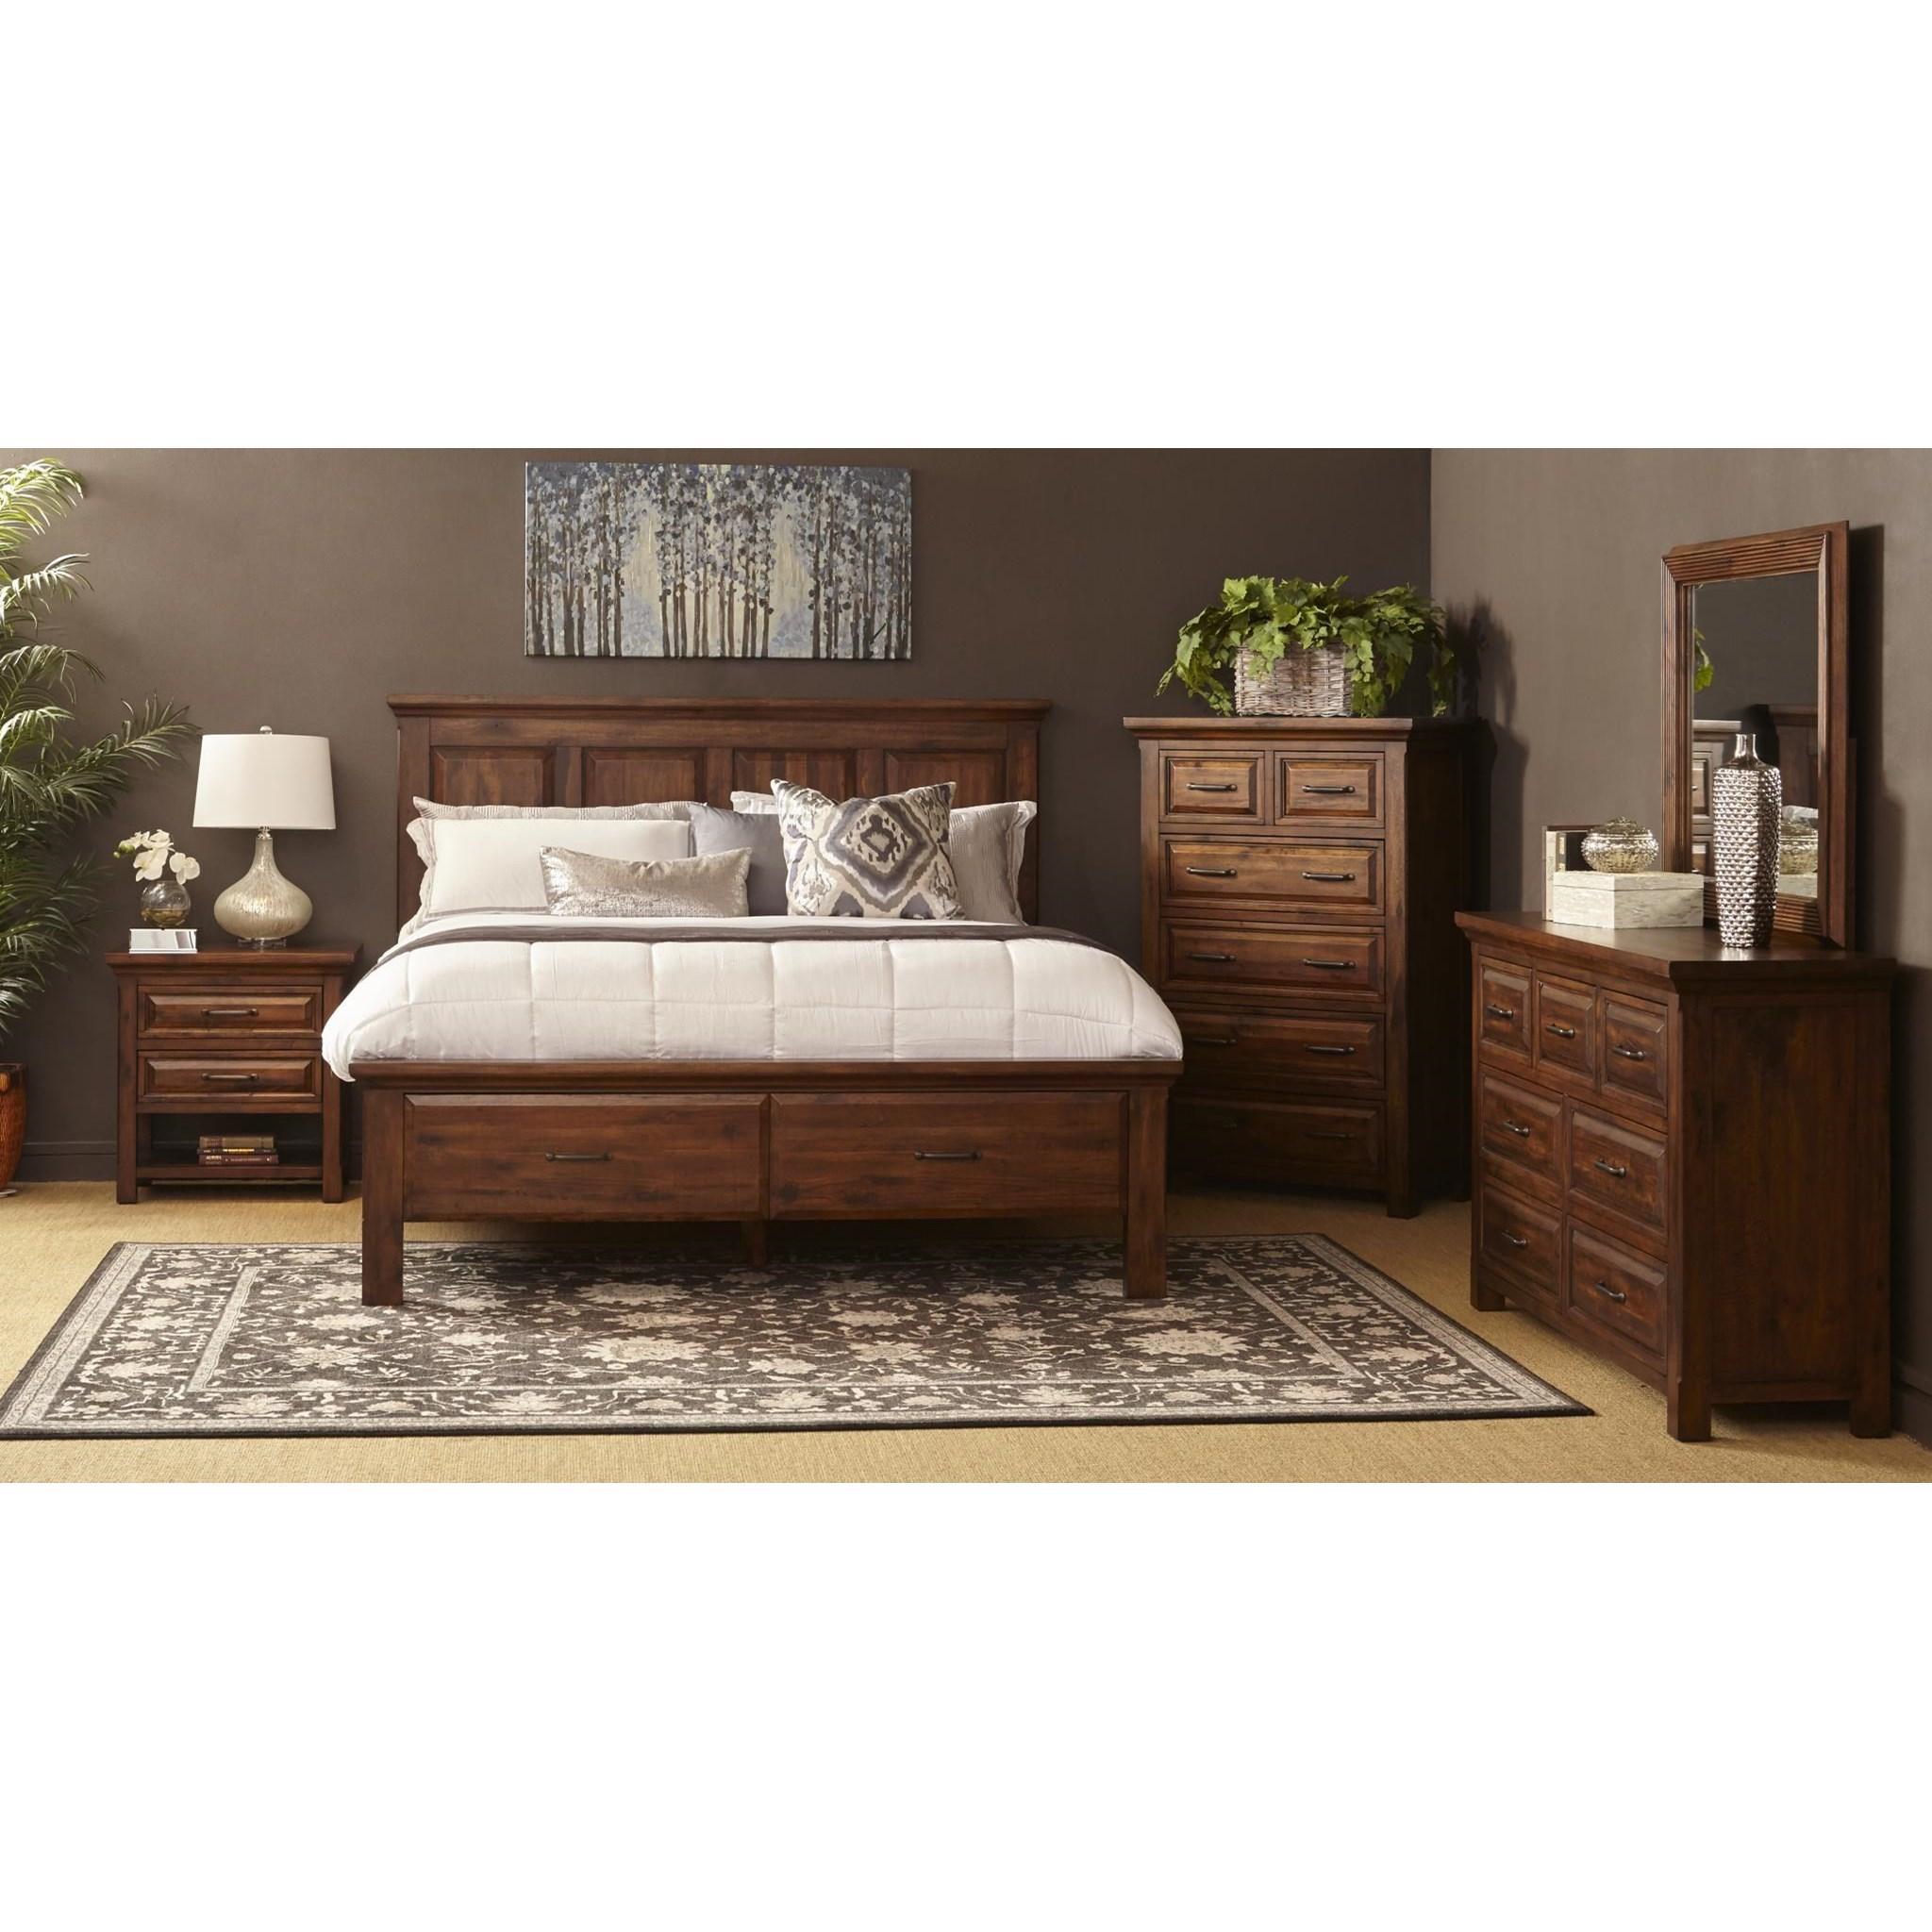 Superbe Napa Furniture Designs Hill CrestChest; Napa Furniture Designs Hill  CrestChest